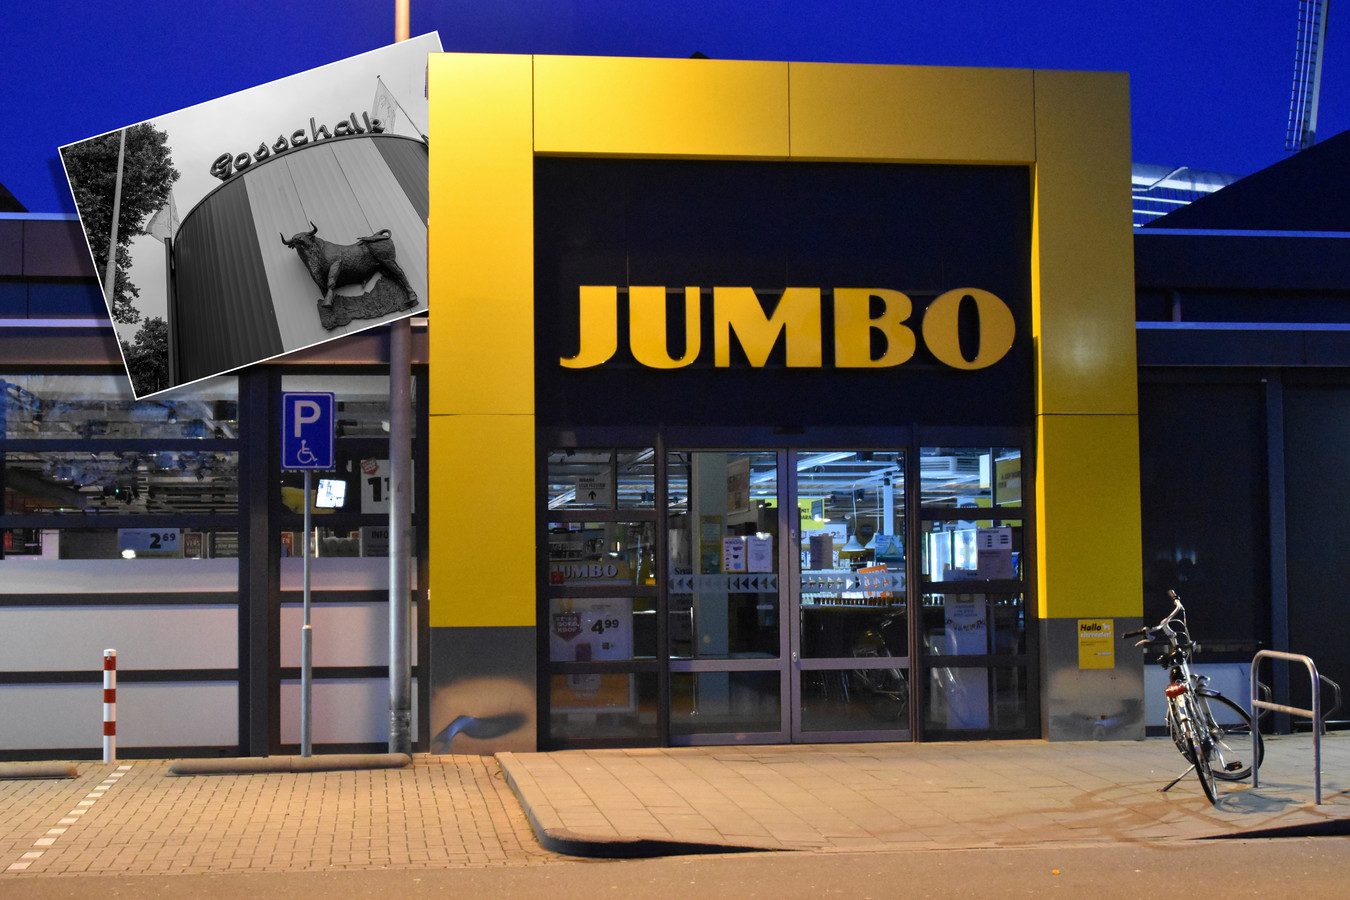 Jumbo heeft de samenwerking met Gosschalk voorlopig stopgezet.